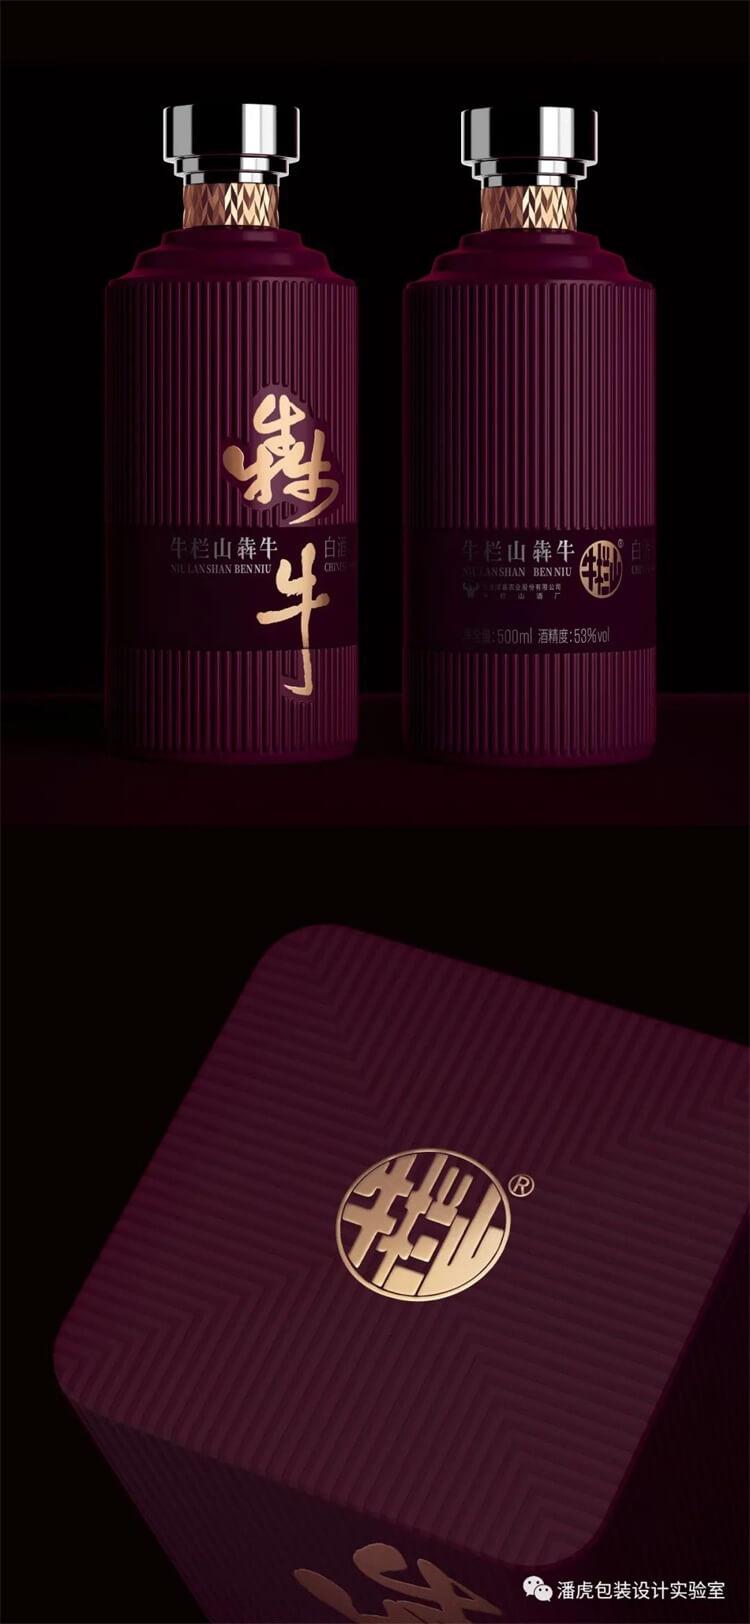 潘虎推出牛栏山牛年纪念酒包装设计,霸气侧漏